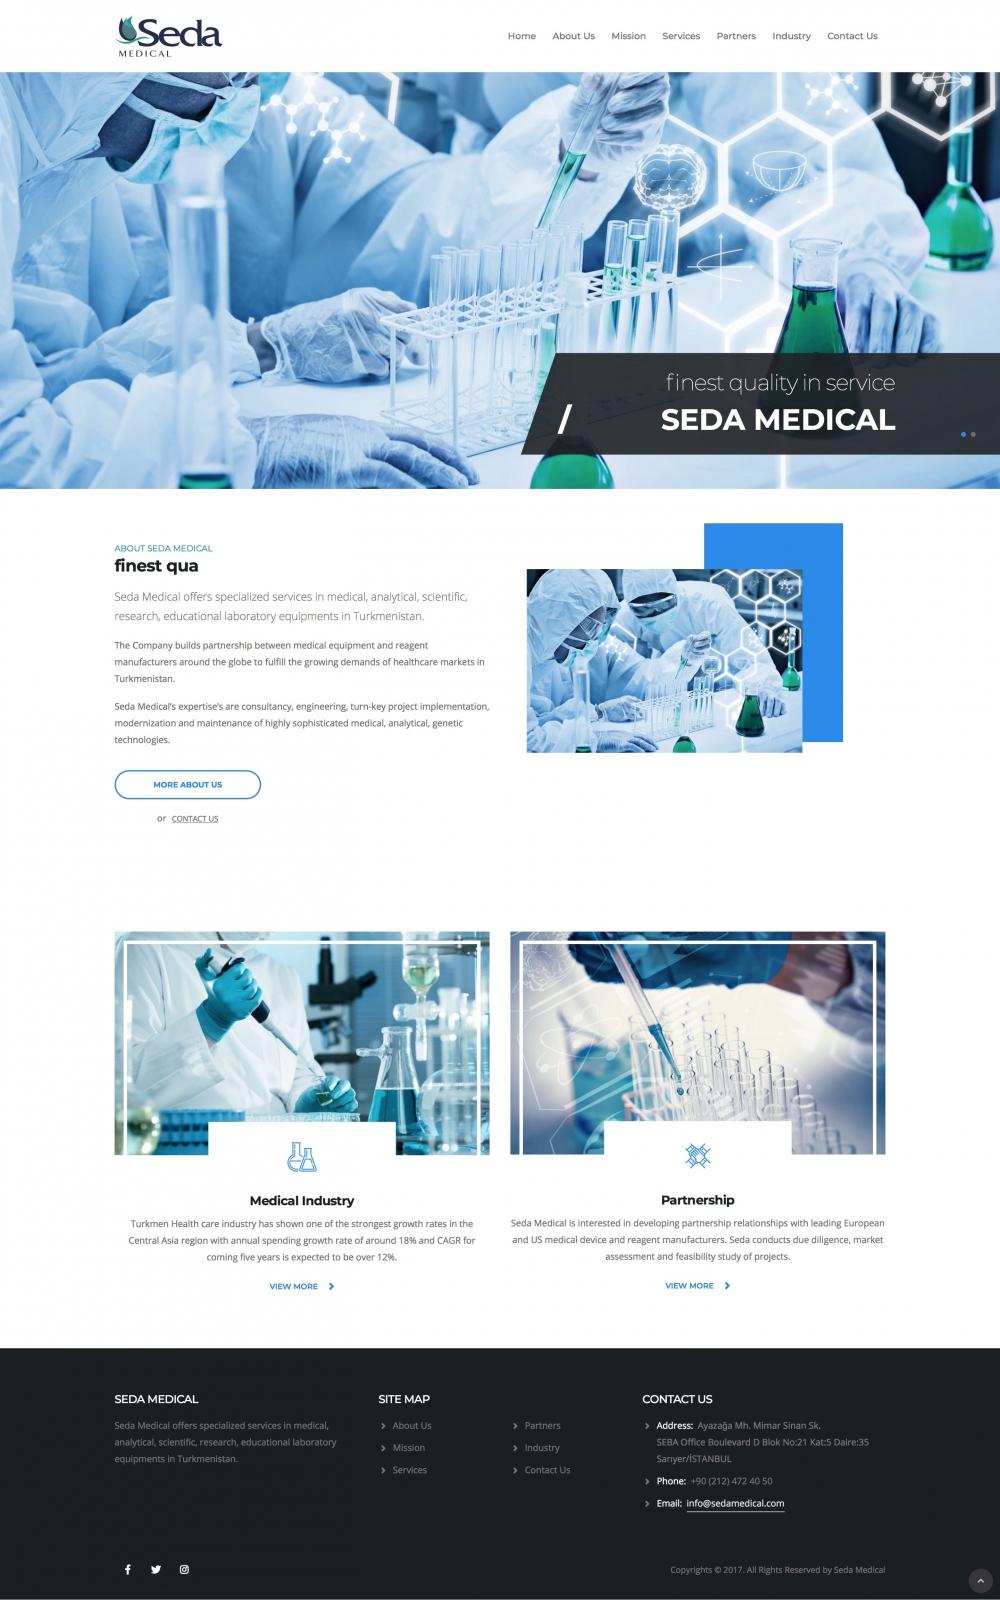 Seda Medical Web